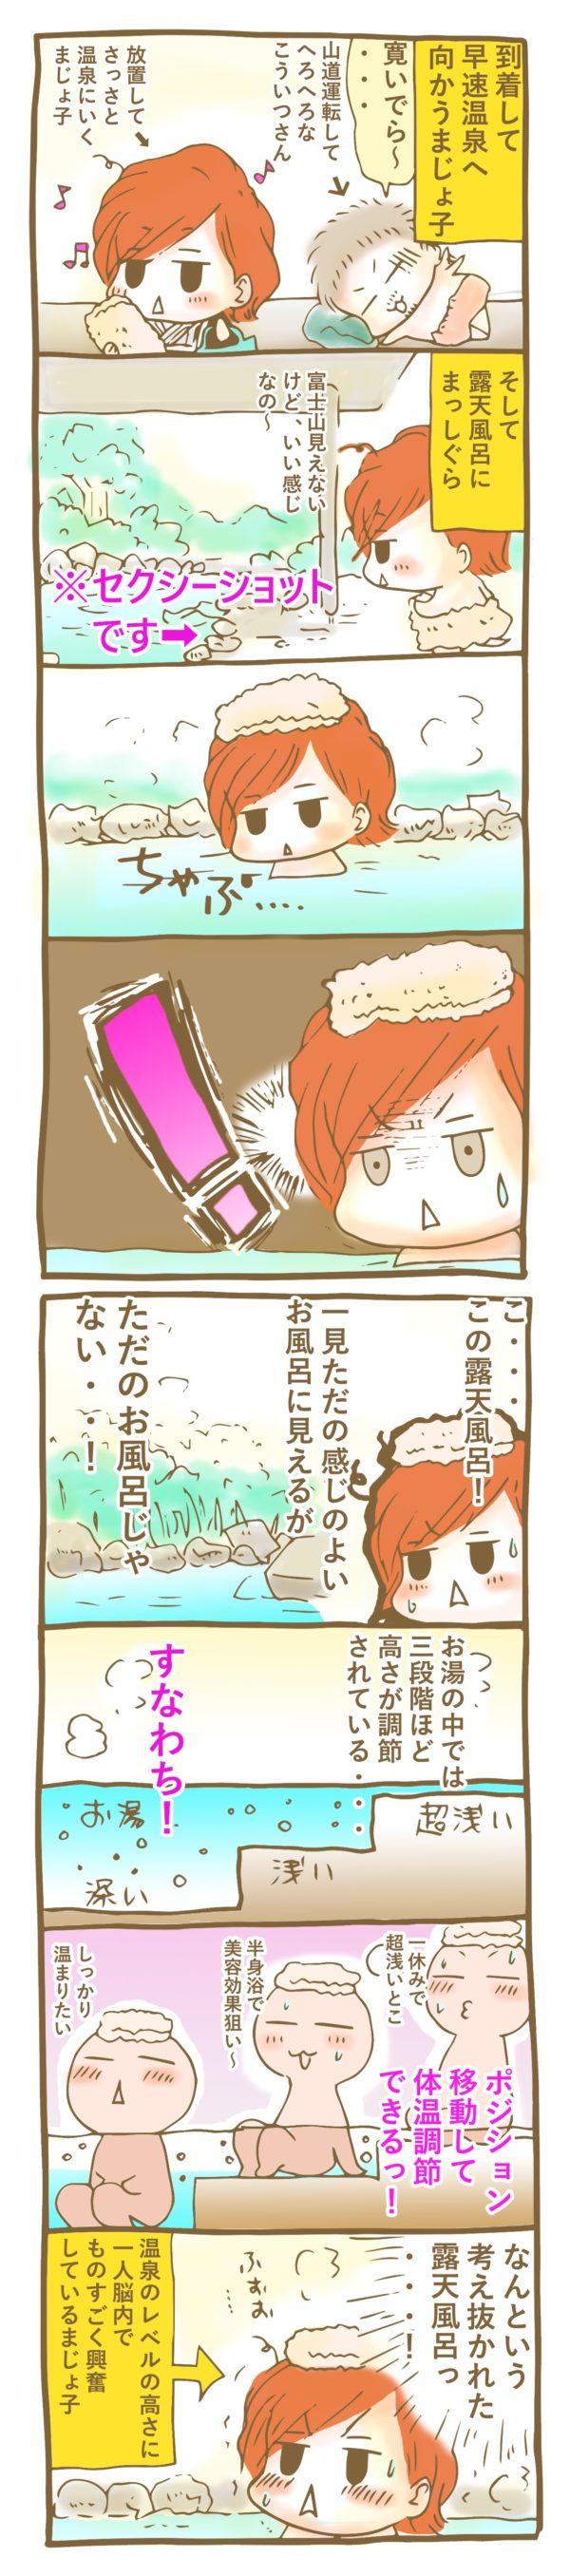 箱根温泉で感動した